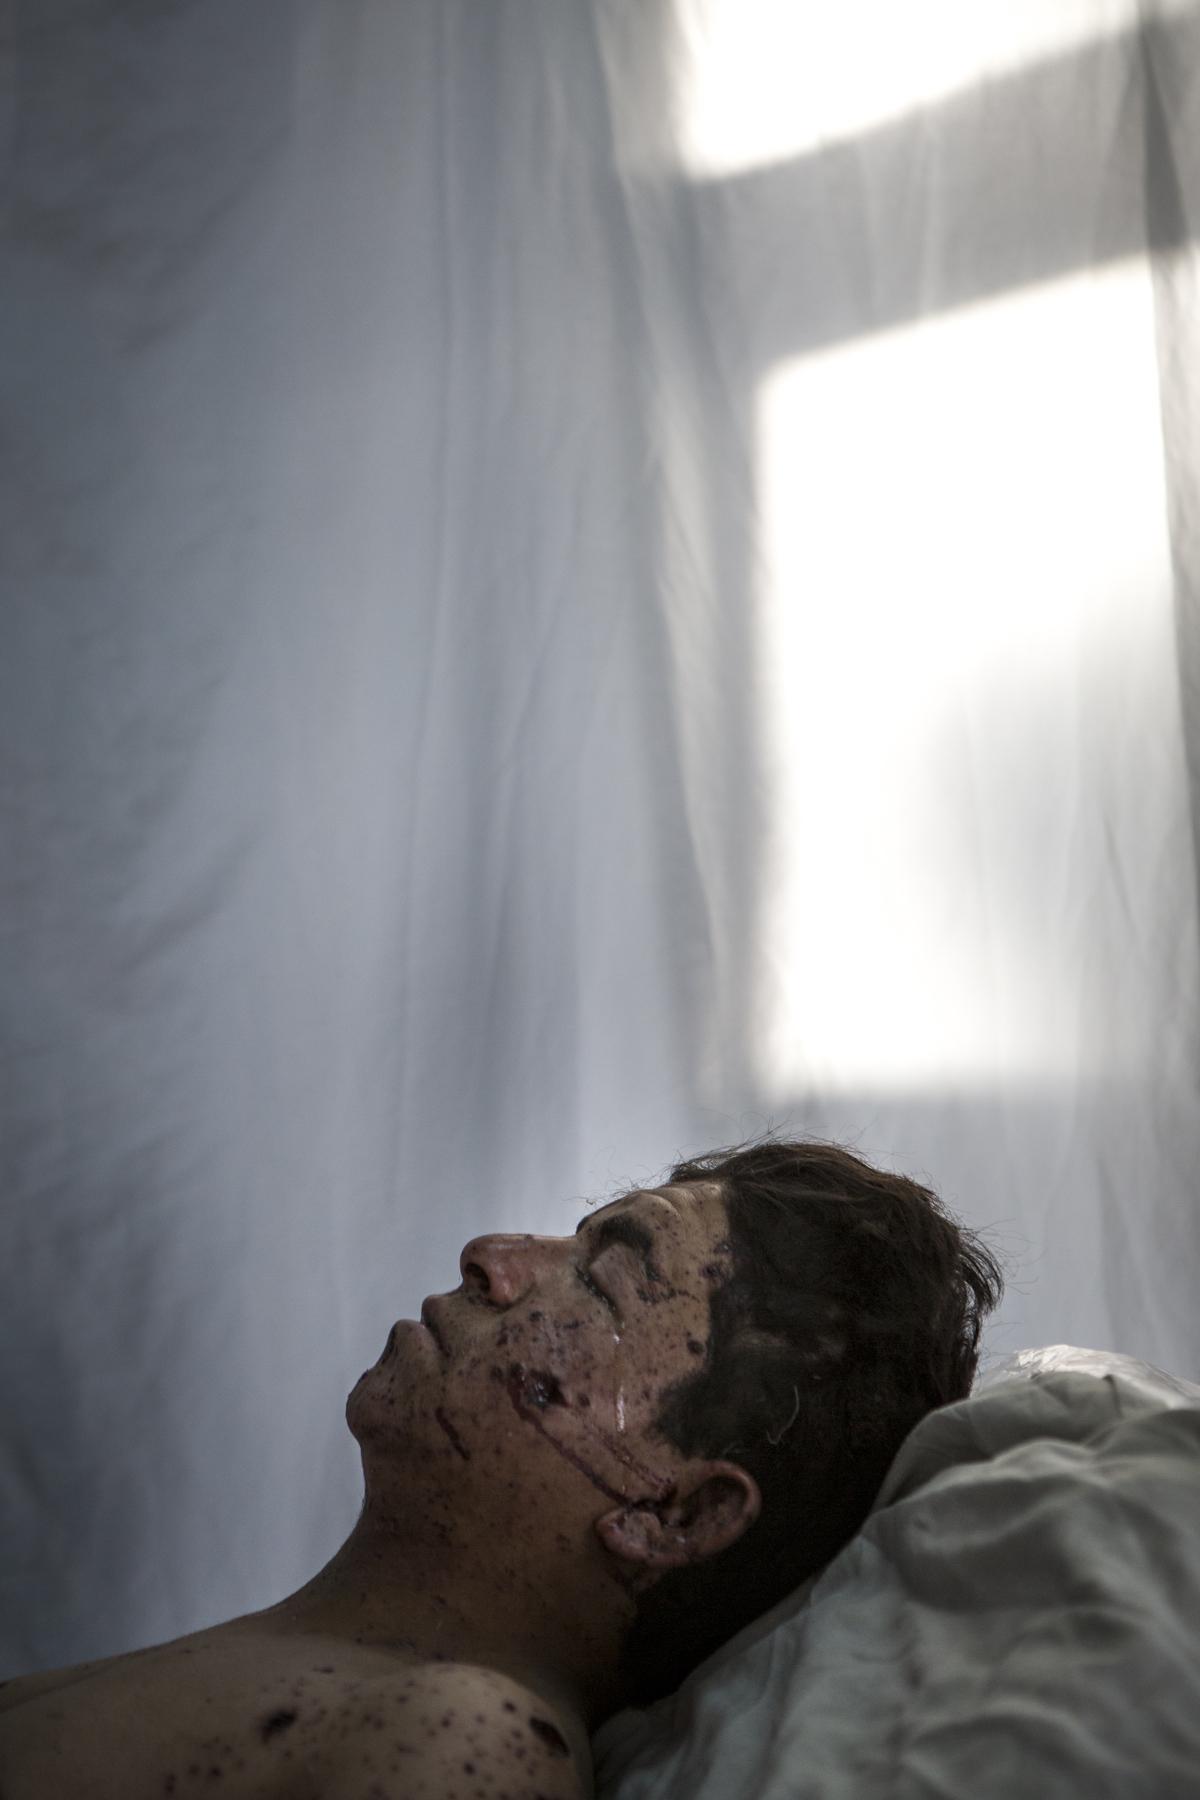 MW_Afgha_Emergency_FAP&Kabul_10-10-17_0851.JPG